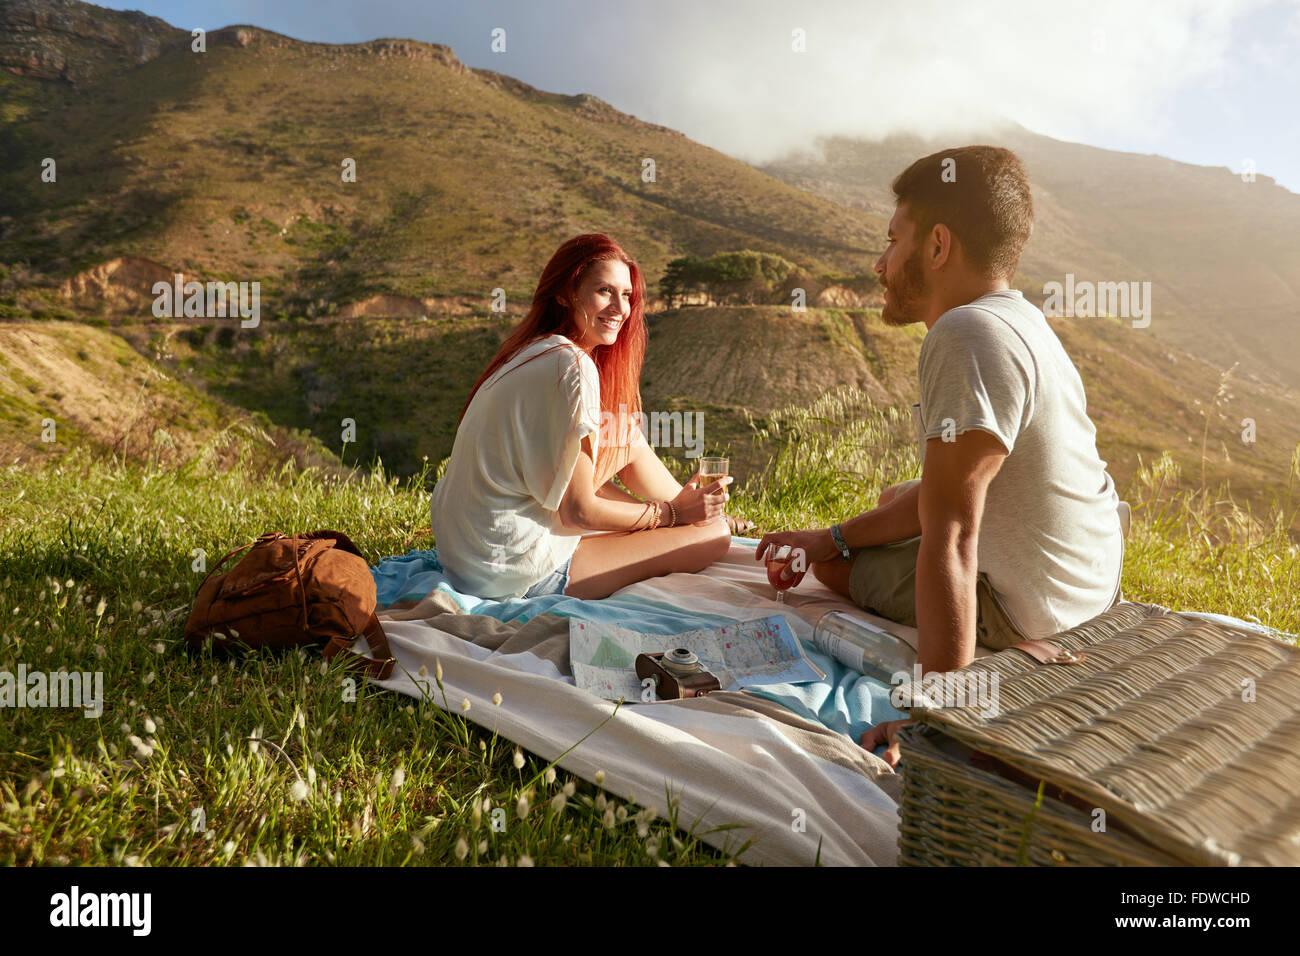 Giovane uomo e donna seduta sull'erba durante un picnic con un bicchiere di vino. Amorevole coppia giovane avente Immagini Stock